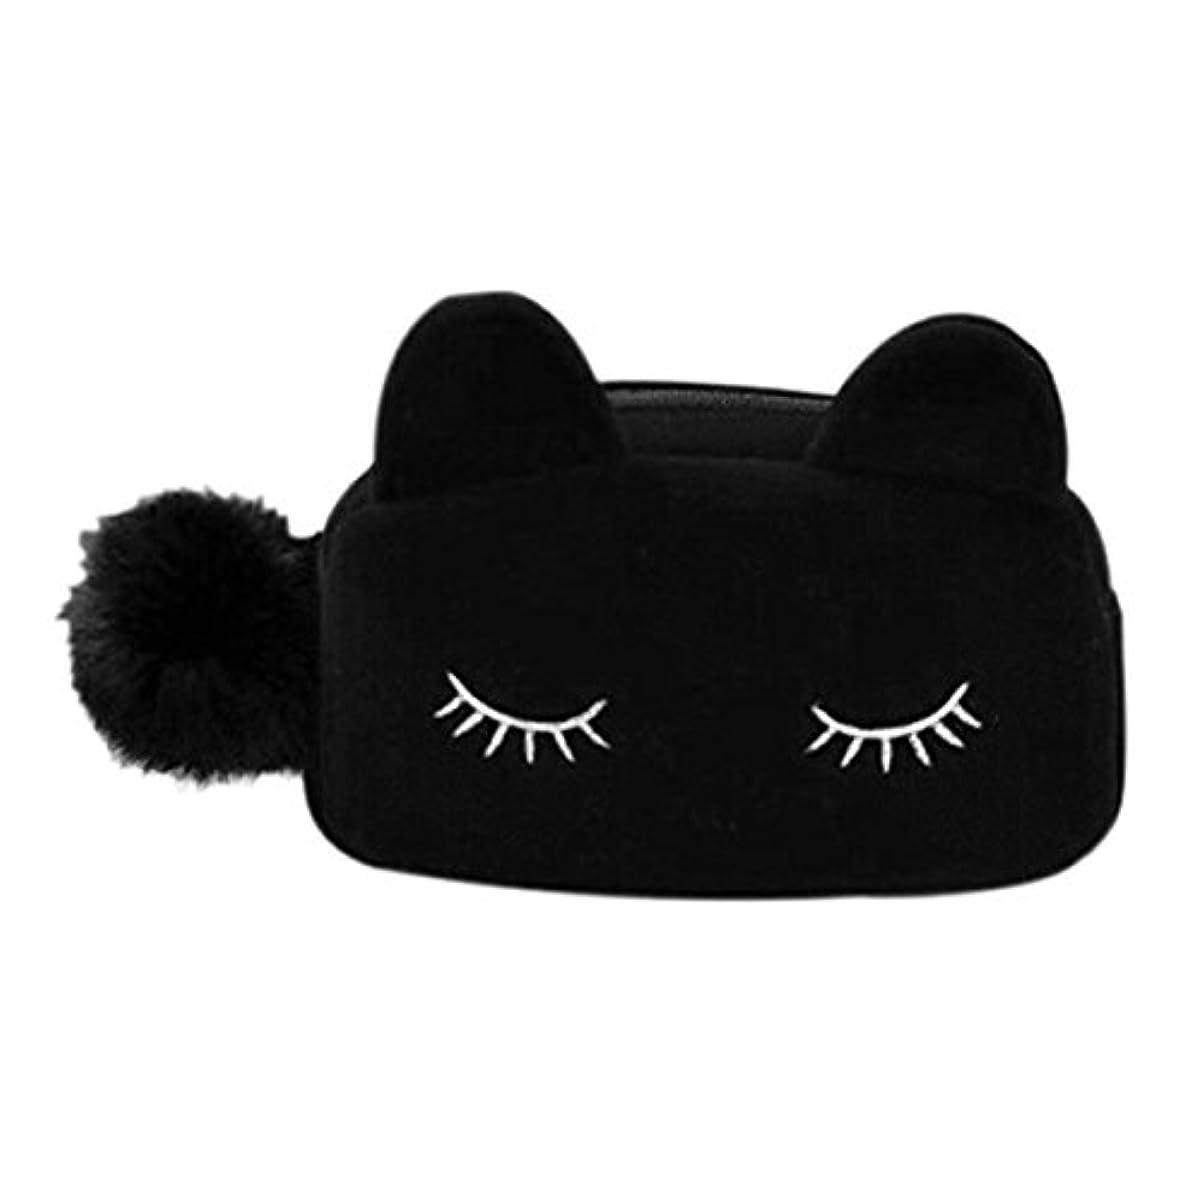 プットしたい後者猫 化粧ポーチ バニティベロア ポンポン付き ブラック